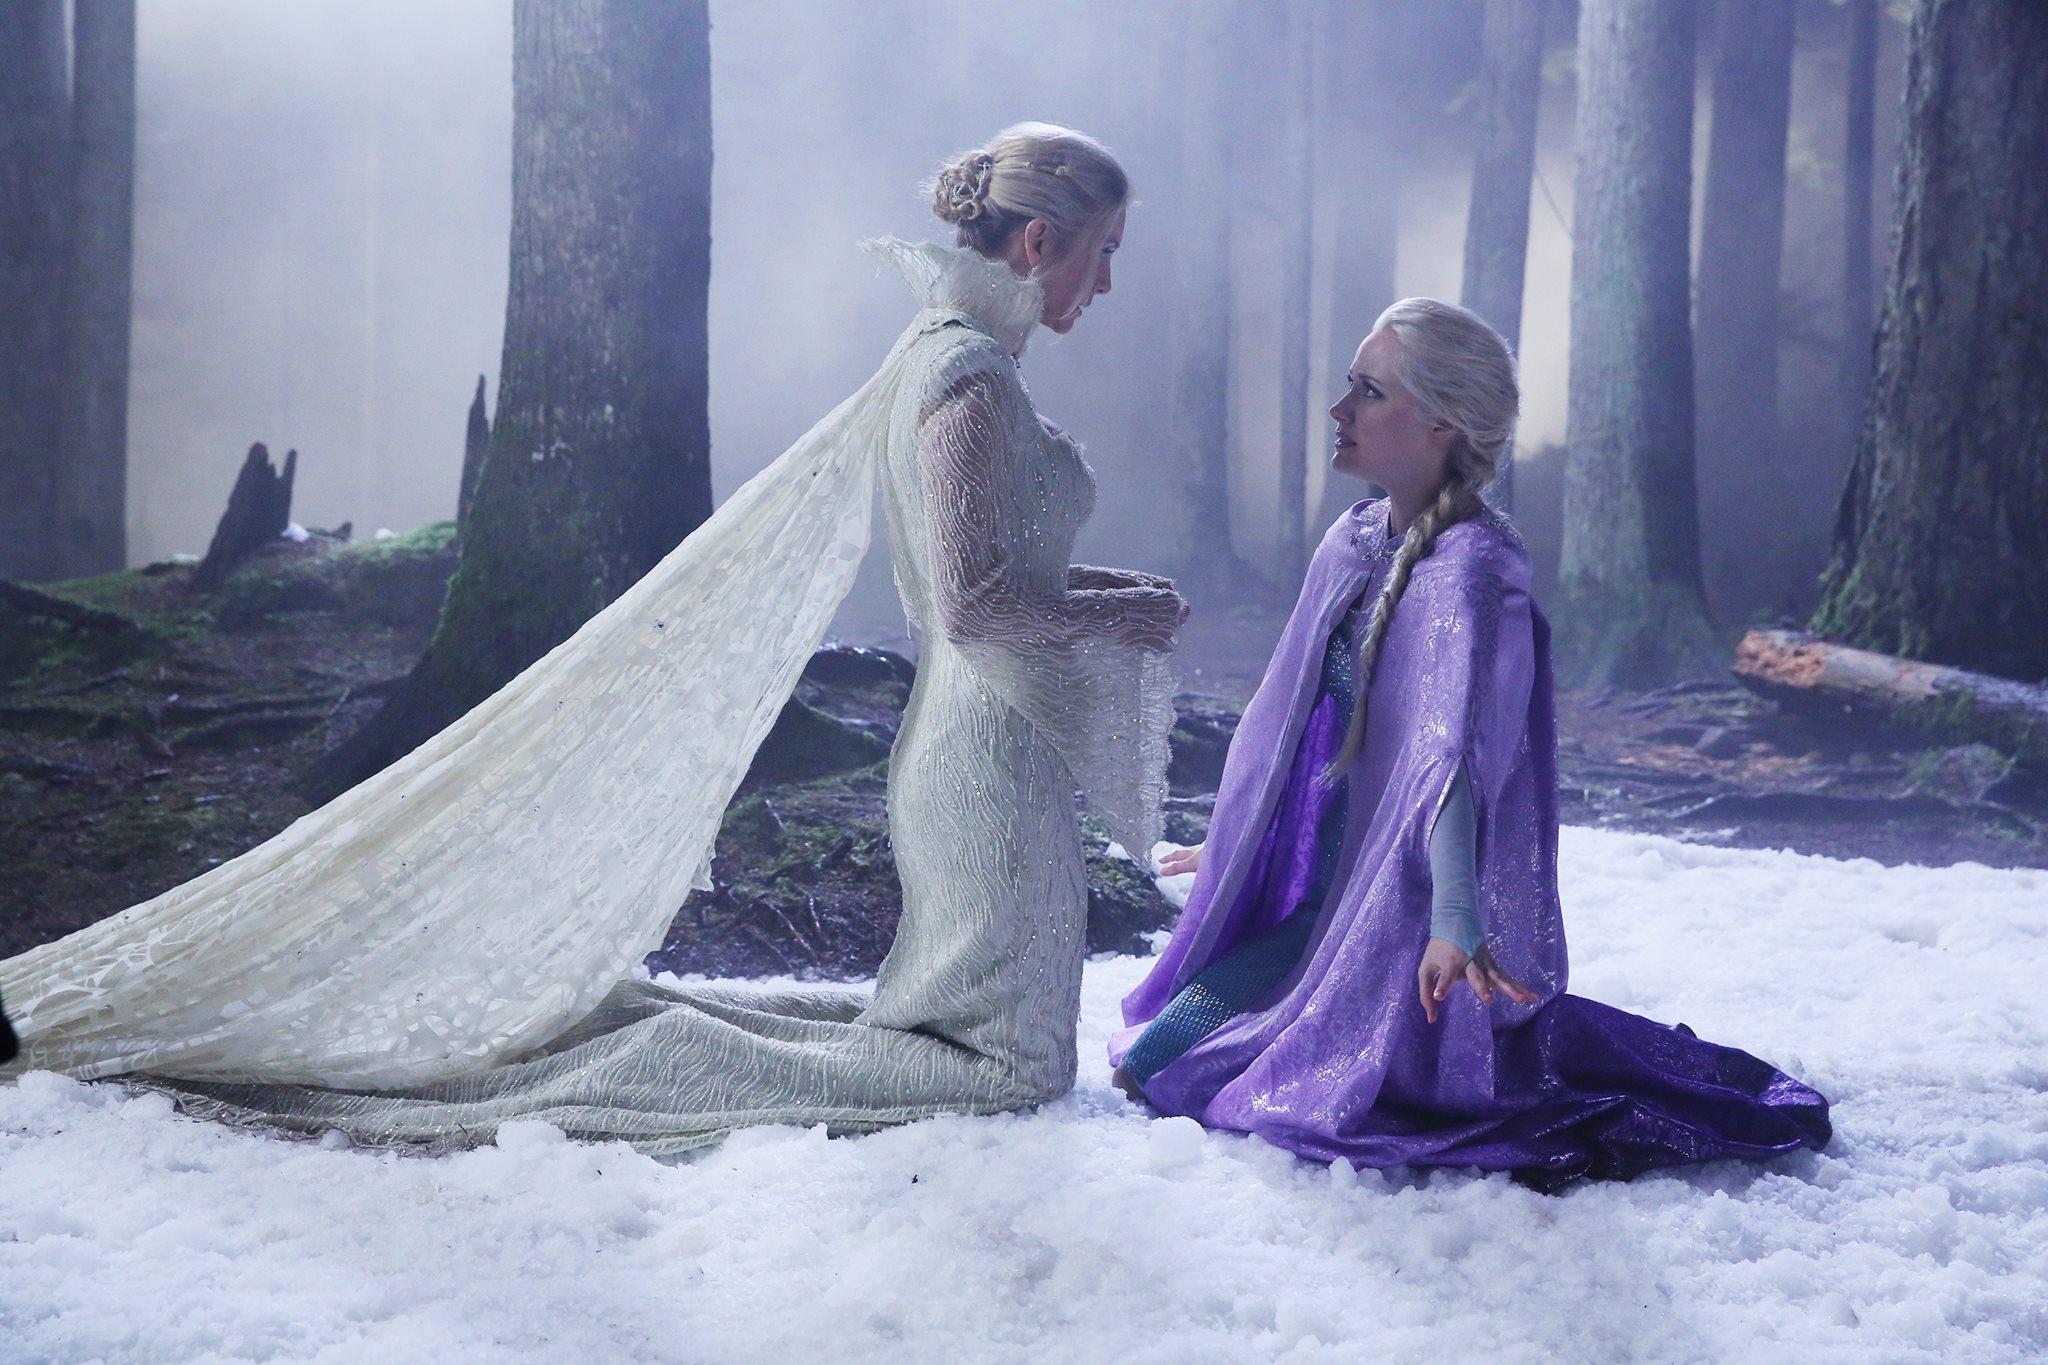 Слух: Disney планирует экранизировать сказку «Снежная королева»